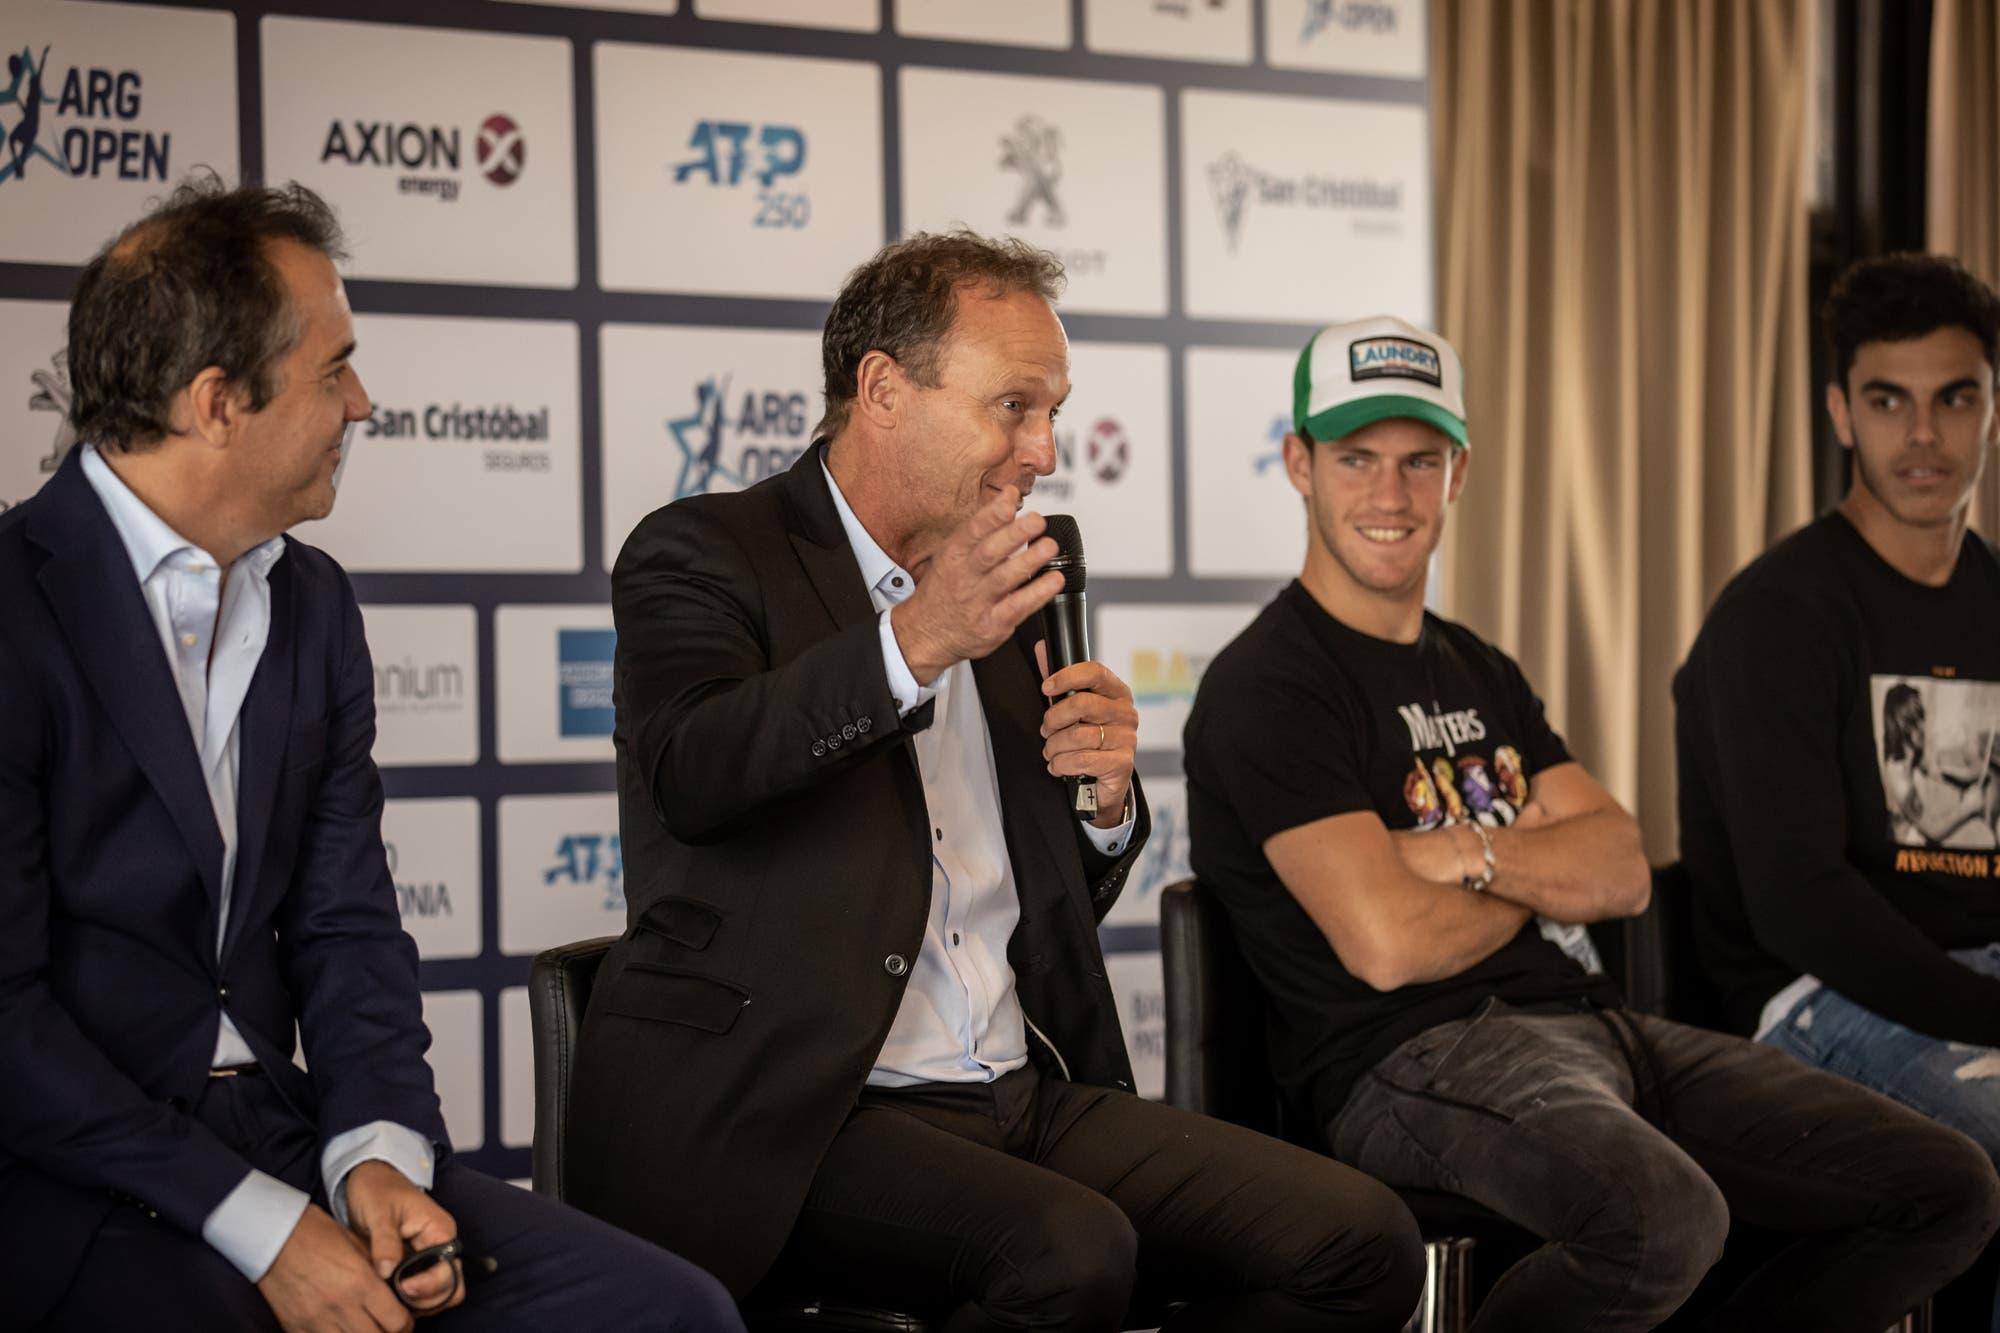 El Argentina Open: la fórmula para sostenerse 20 años, pese a los vaivenes del país